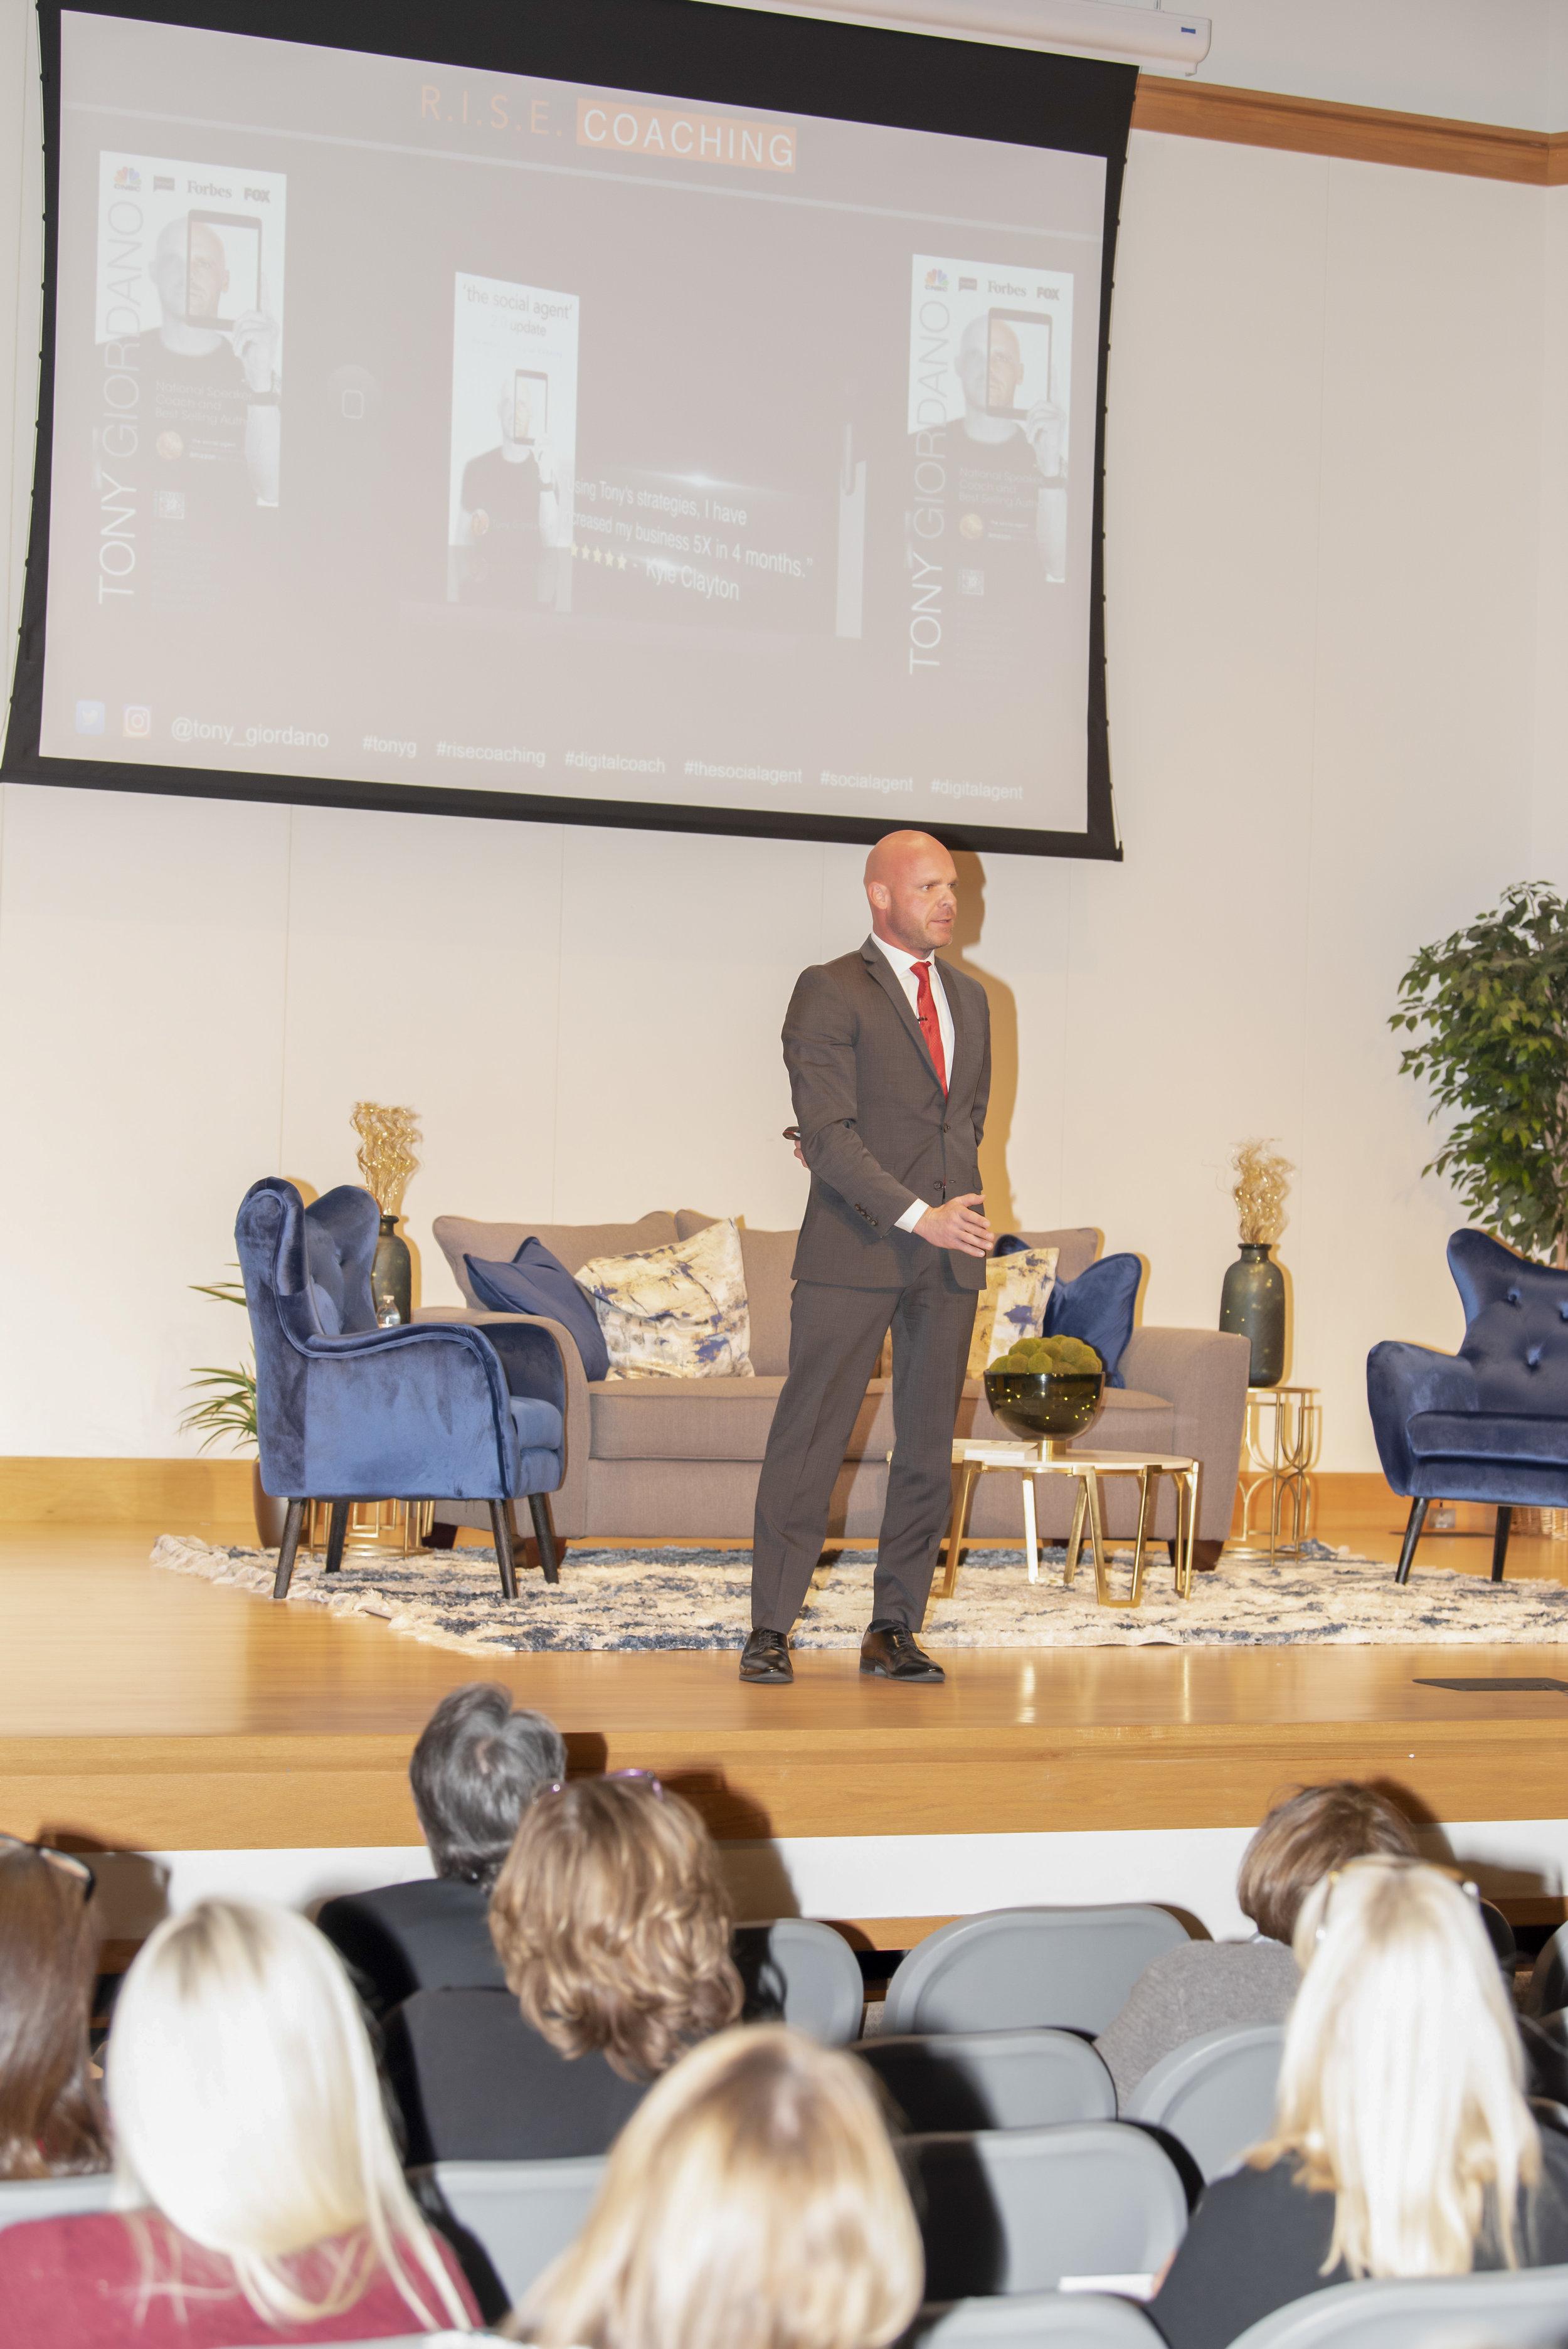 Evolving with Digital Trends: Keyote Speaker, Tony Giordano